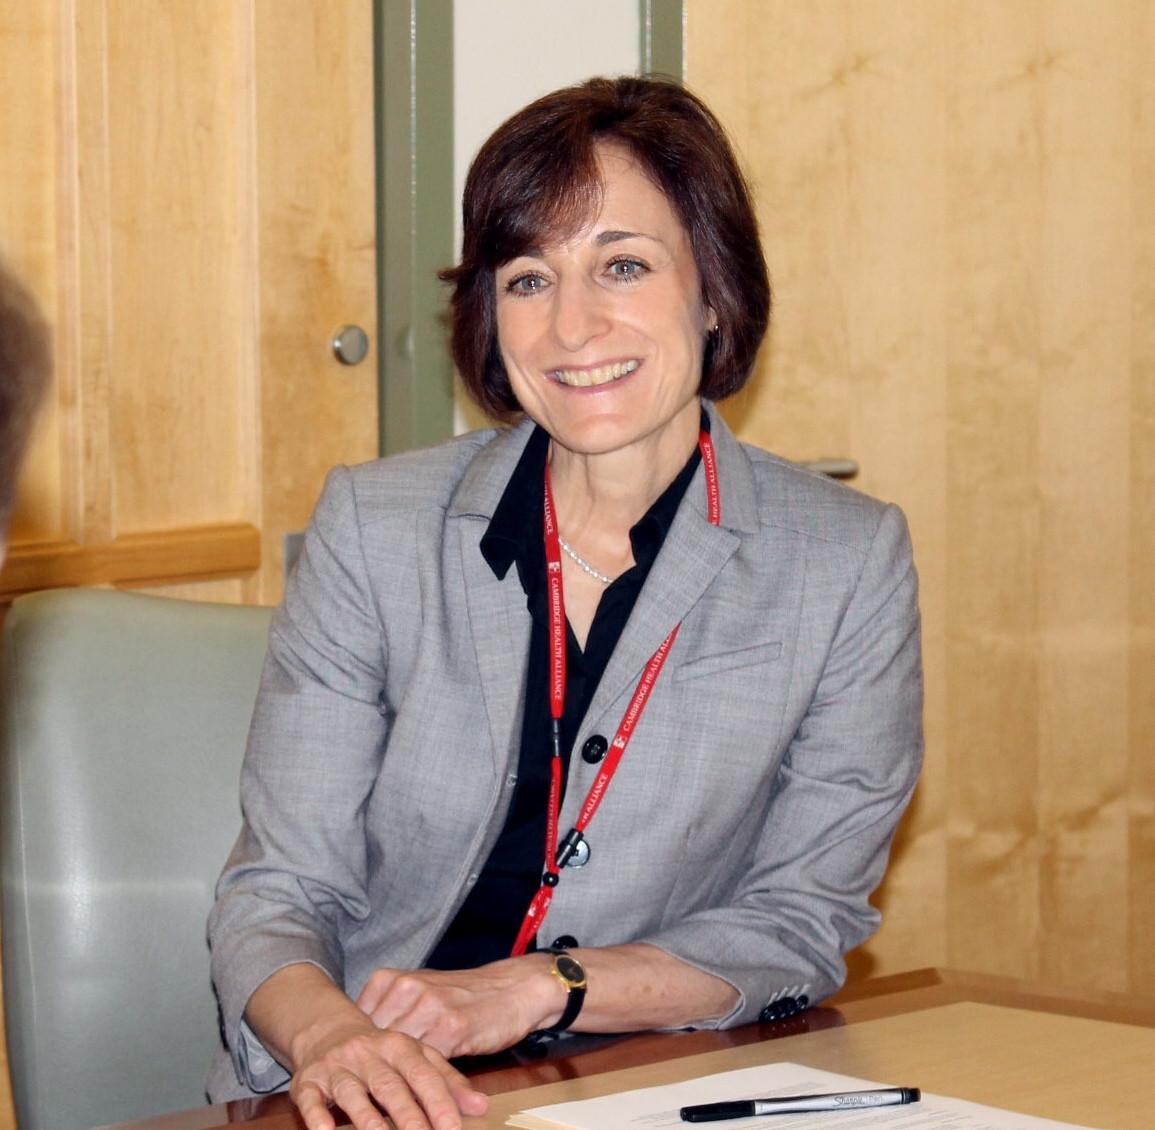 Lou Ann Bruno-Murtha, DO's avatar